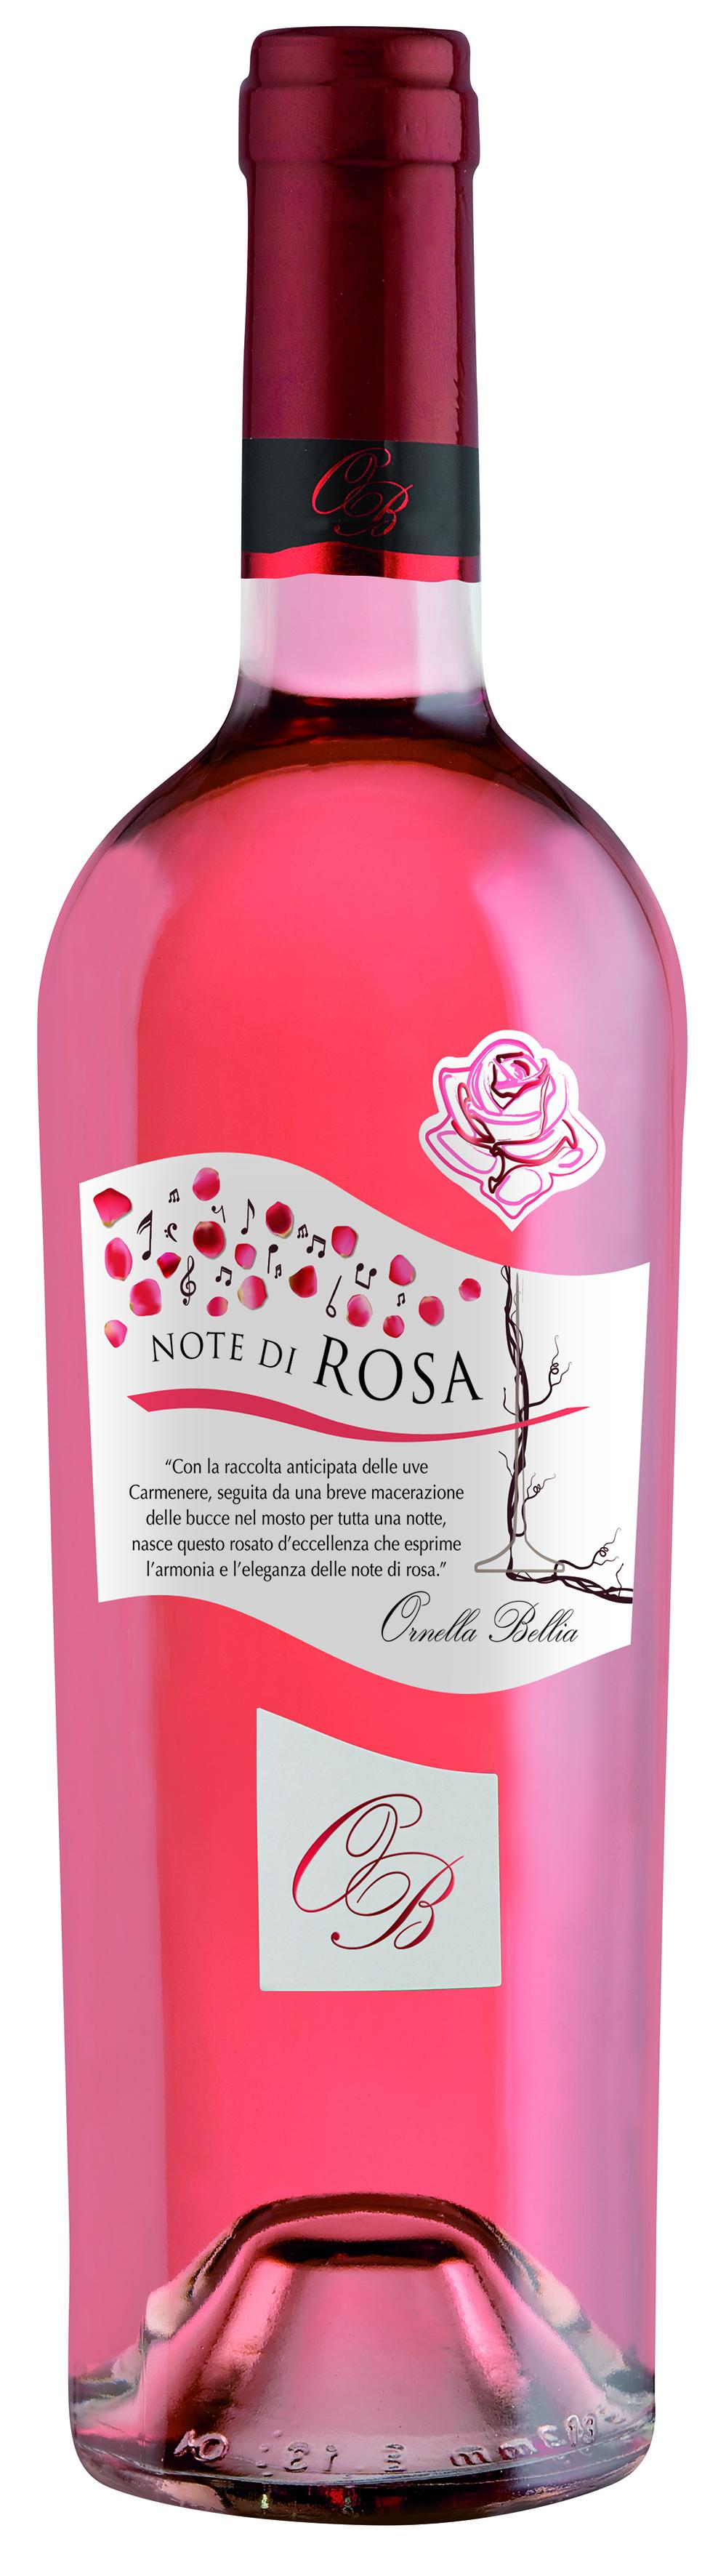 Note Di Rosa Ornella Bellia Winelabel Winedesign Italianwine Francescon Collodi F C Wine Bottle Design Wine Bottle Bottle Design